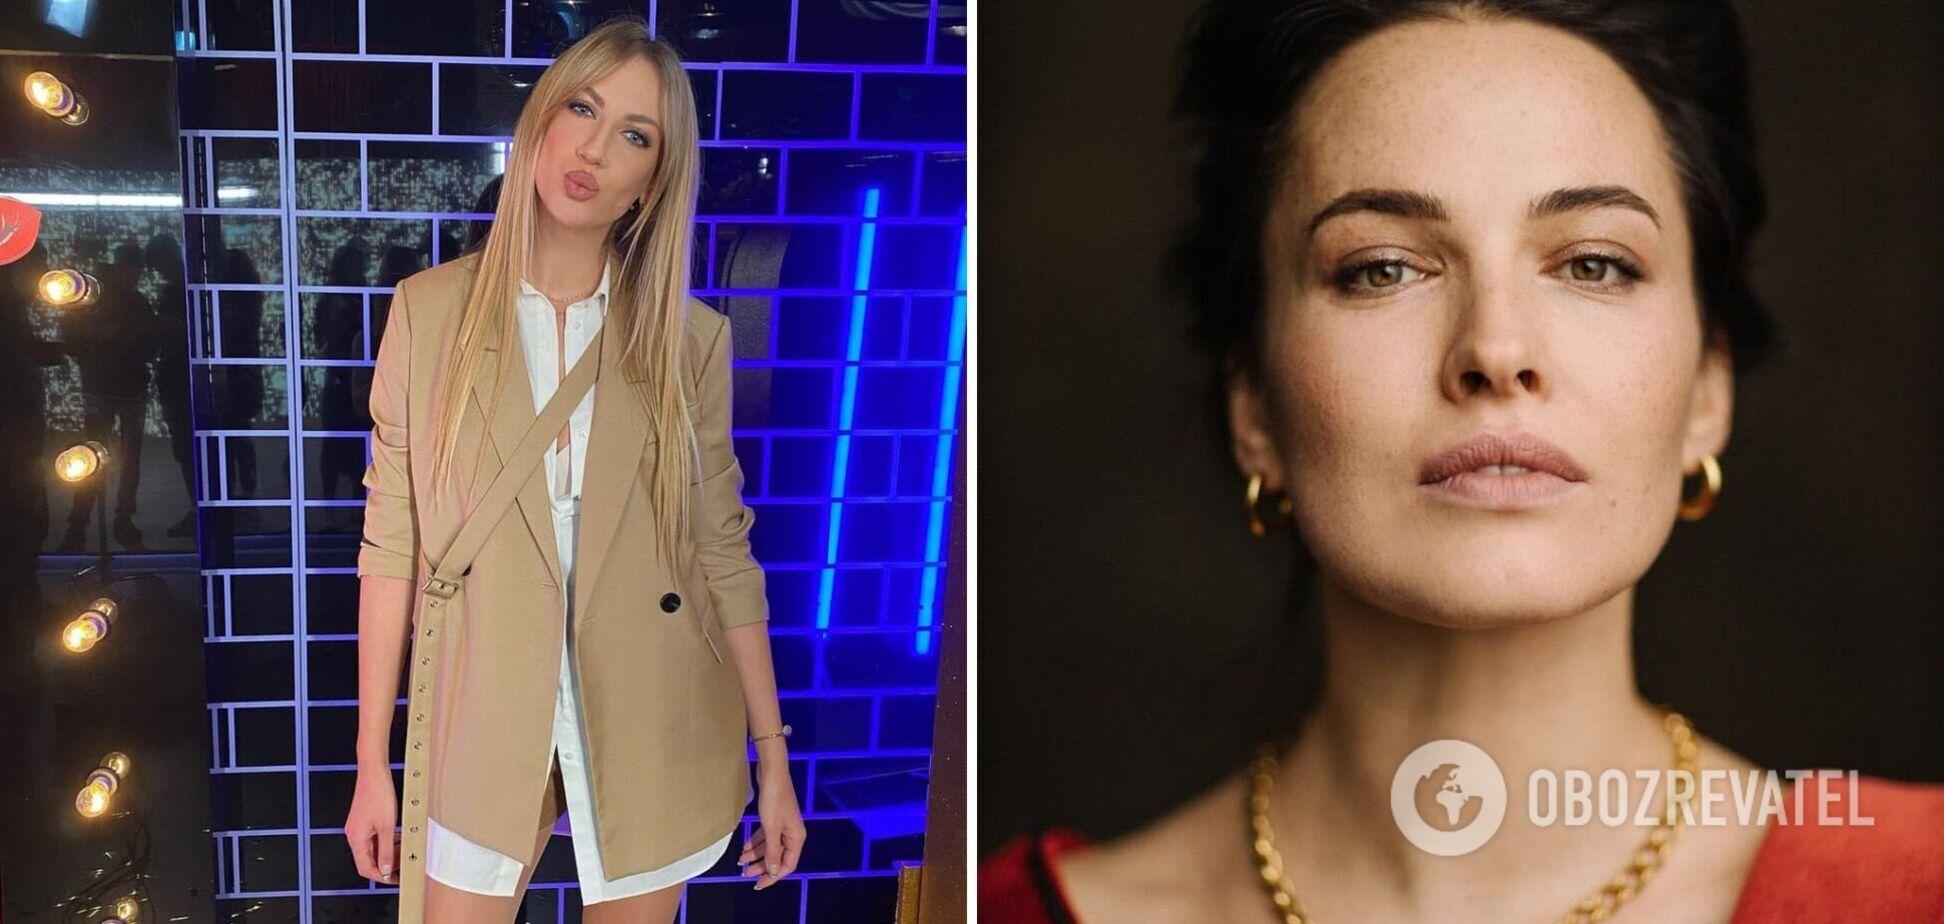 Астафьева призналась, что стало причиной ее конфликта с Никитюк